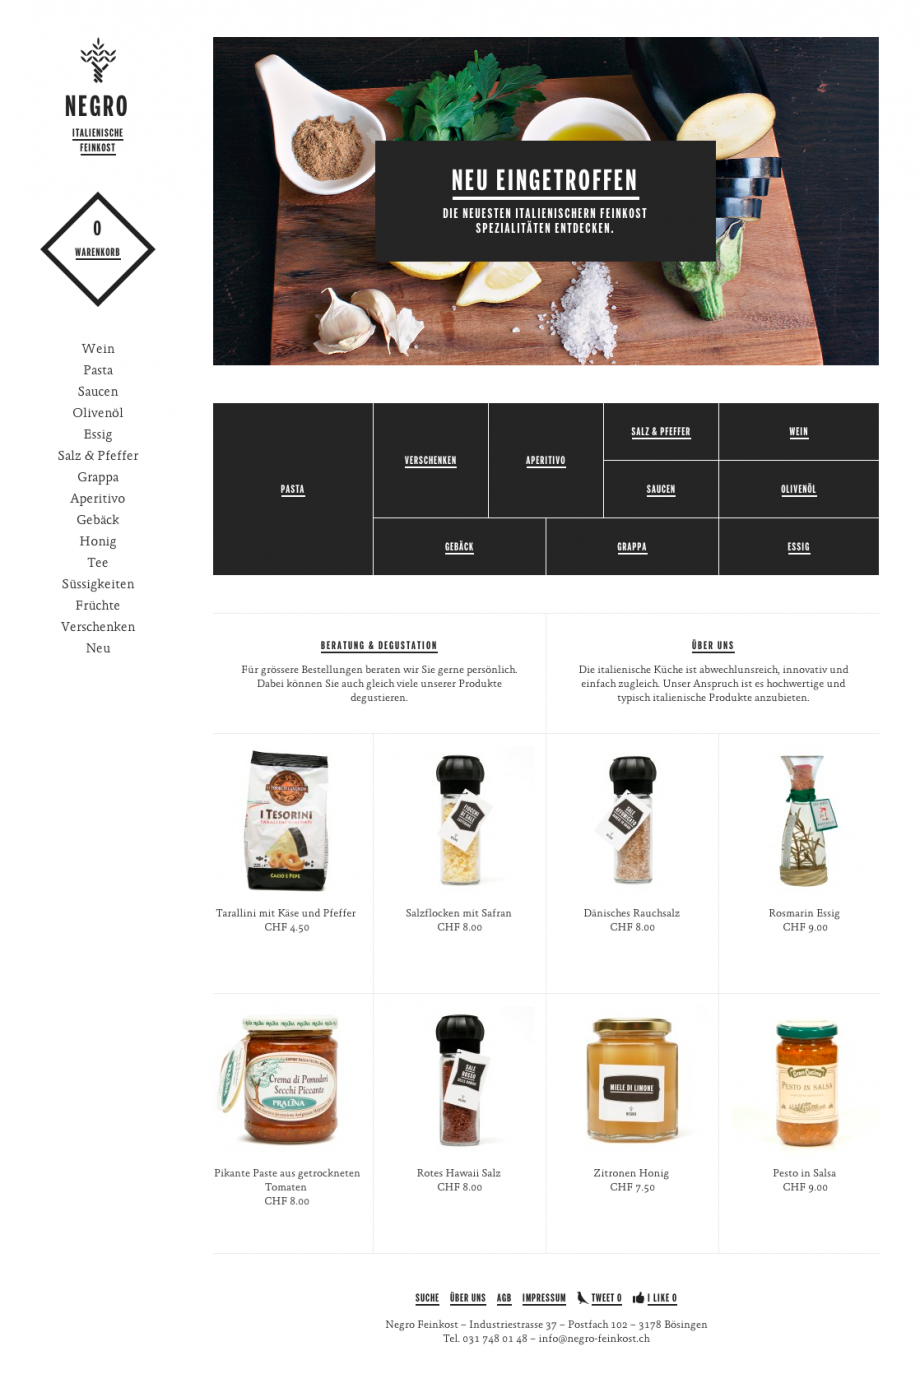 Negro Feinkost – Iwan Negro | web | Pinterest | Web layout, Web ...